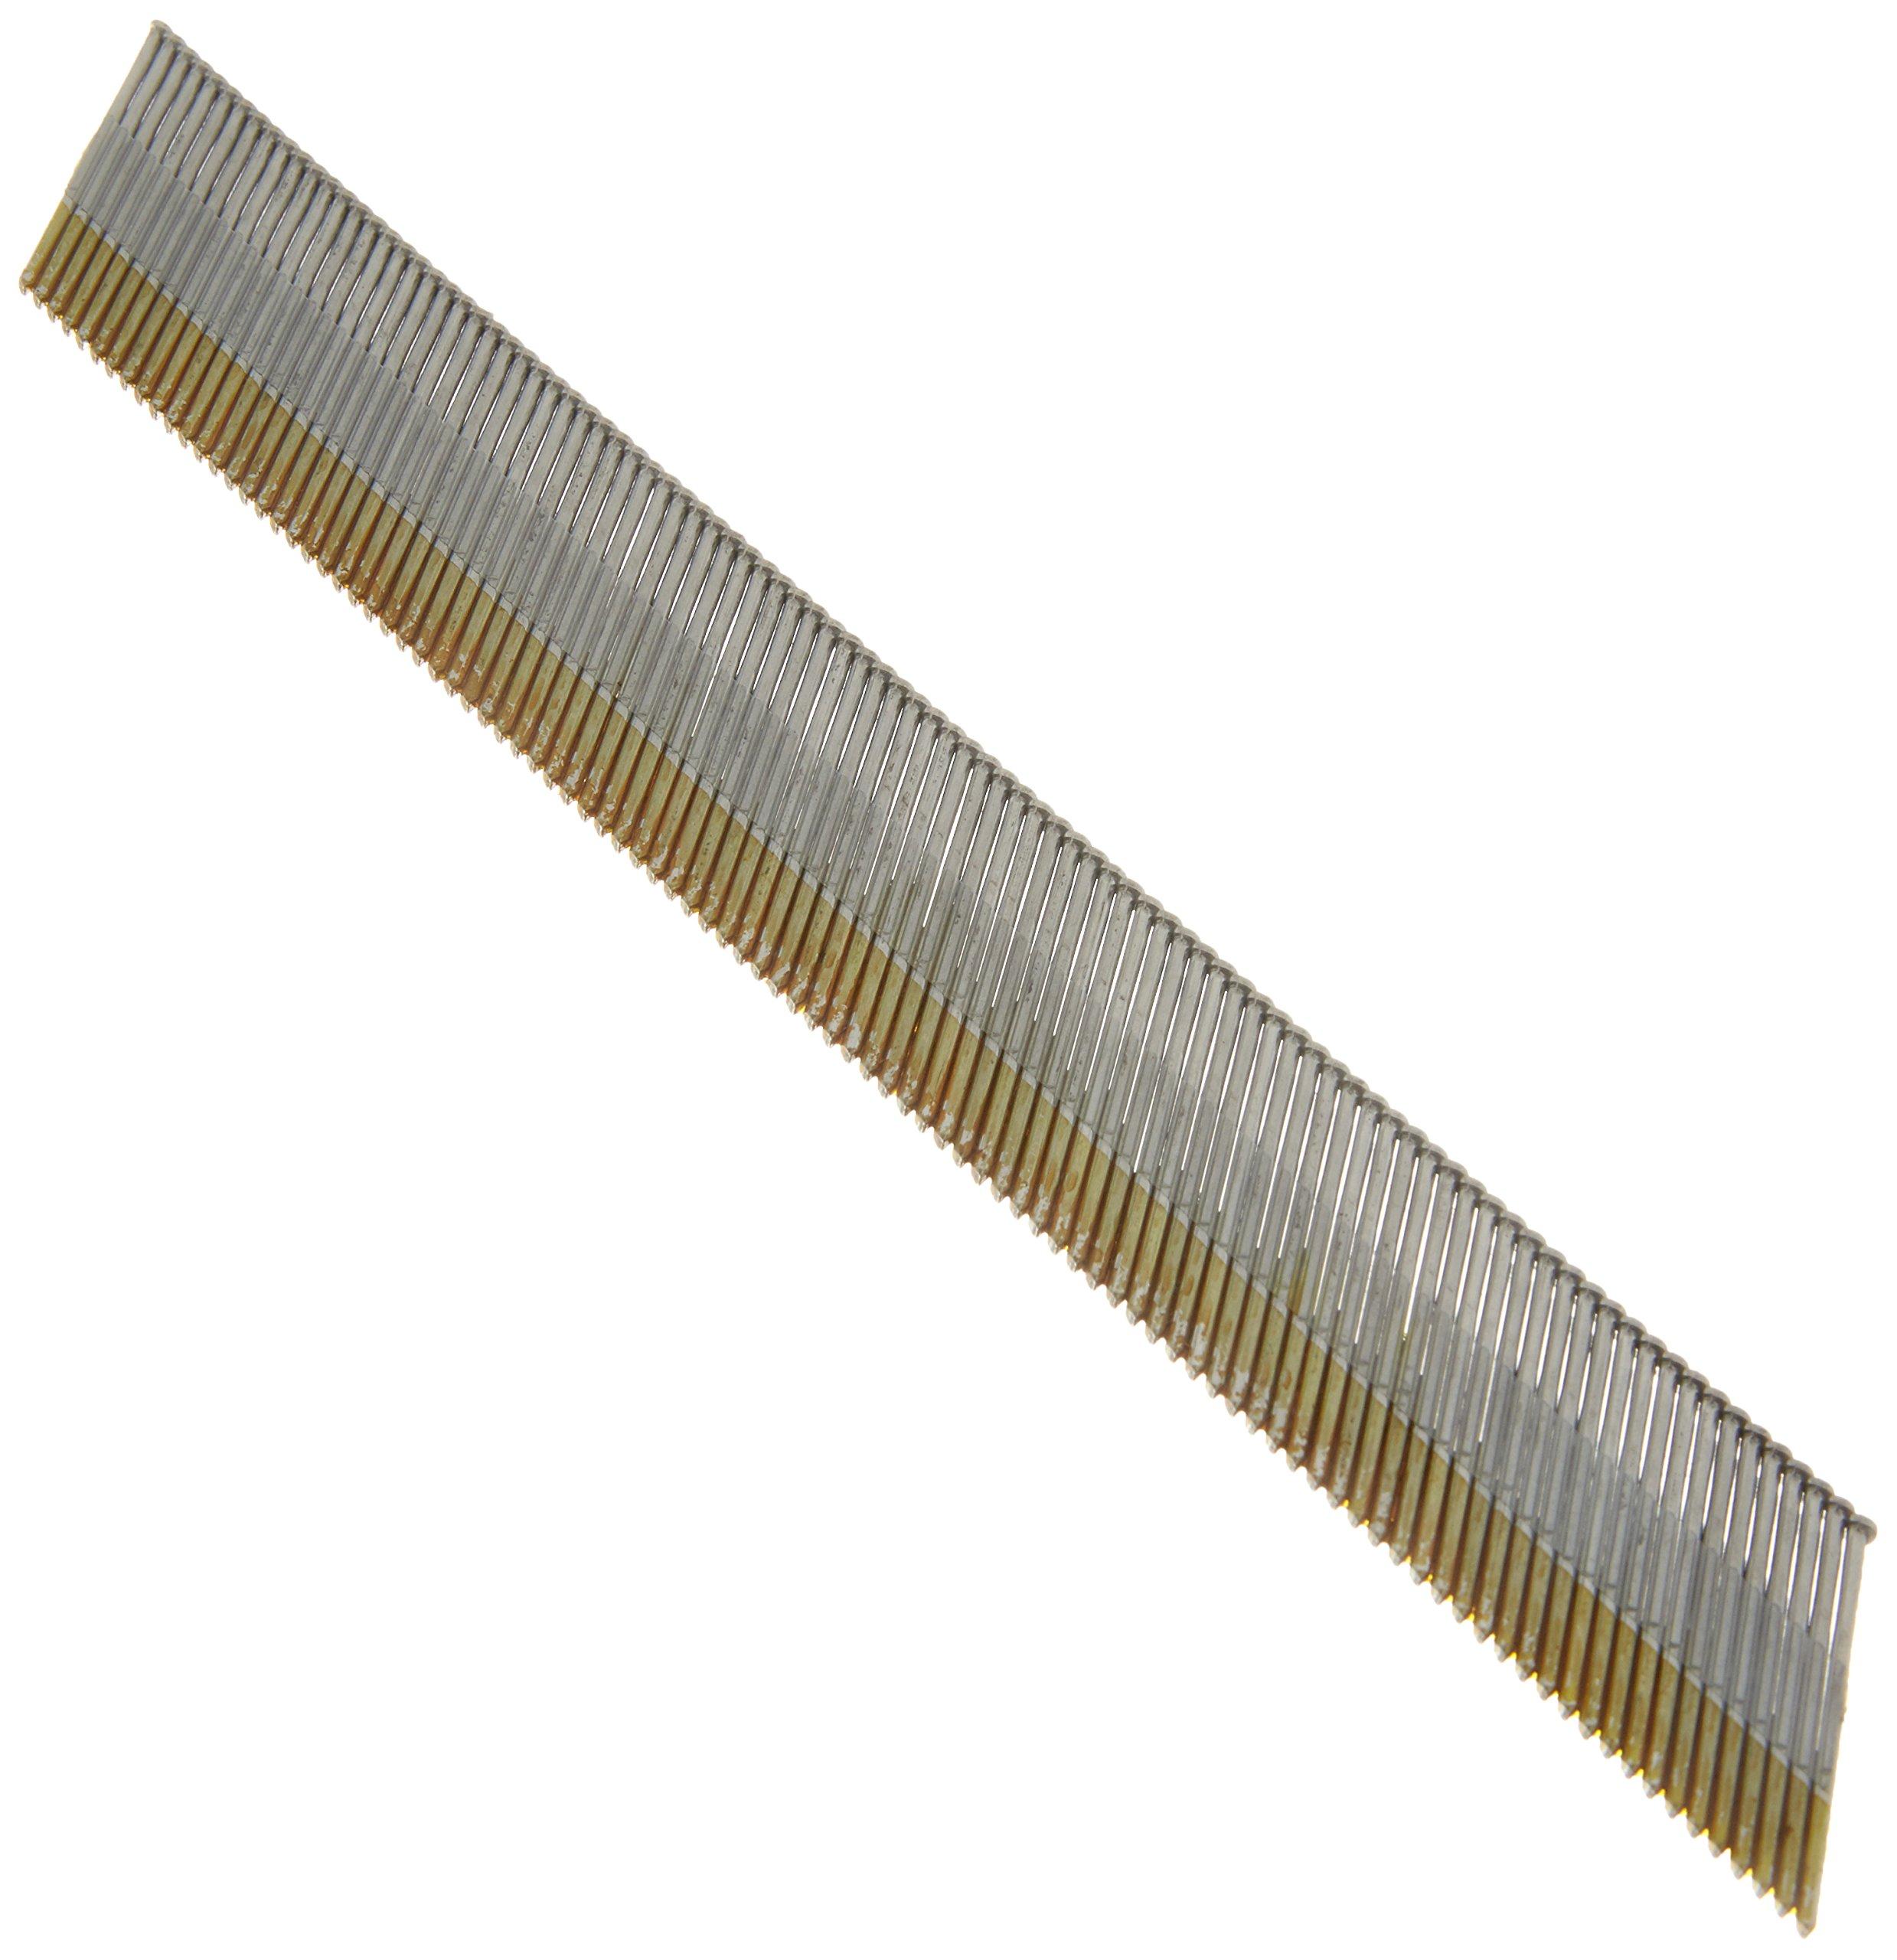 Hitachi 14313 1-1/2'' x 15 Gauge Electro Galvanized Angled Finish Nails 4000 count